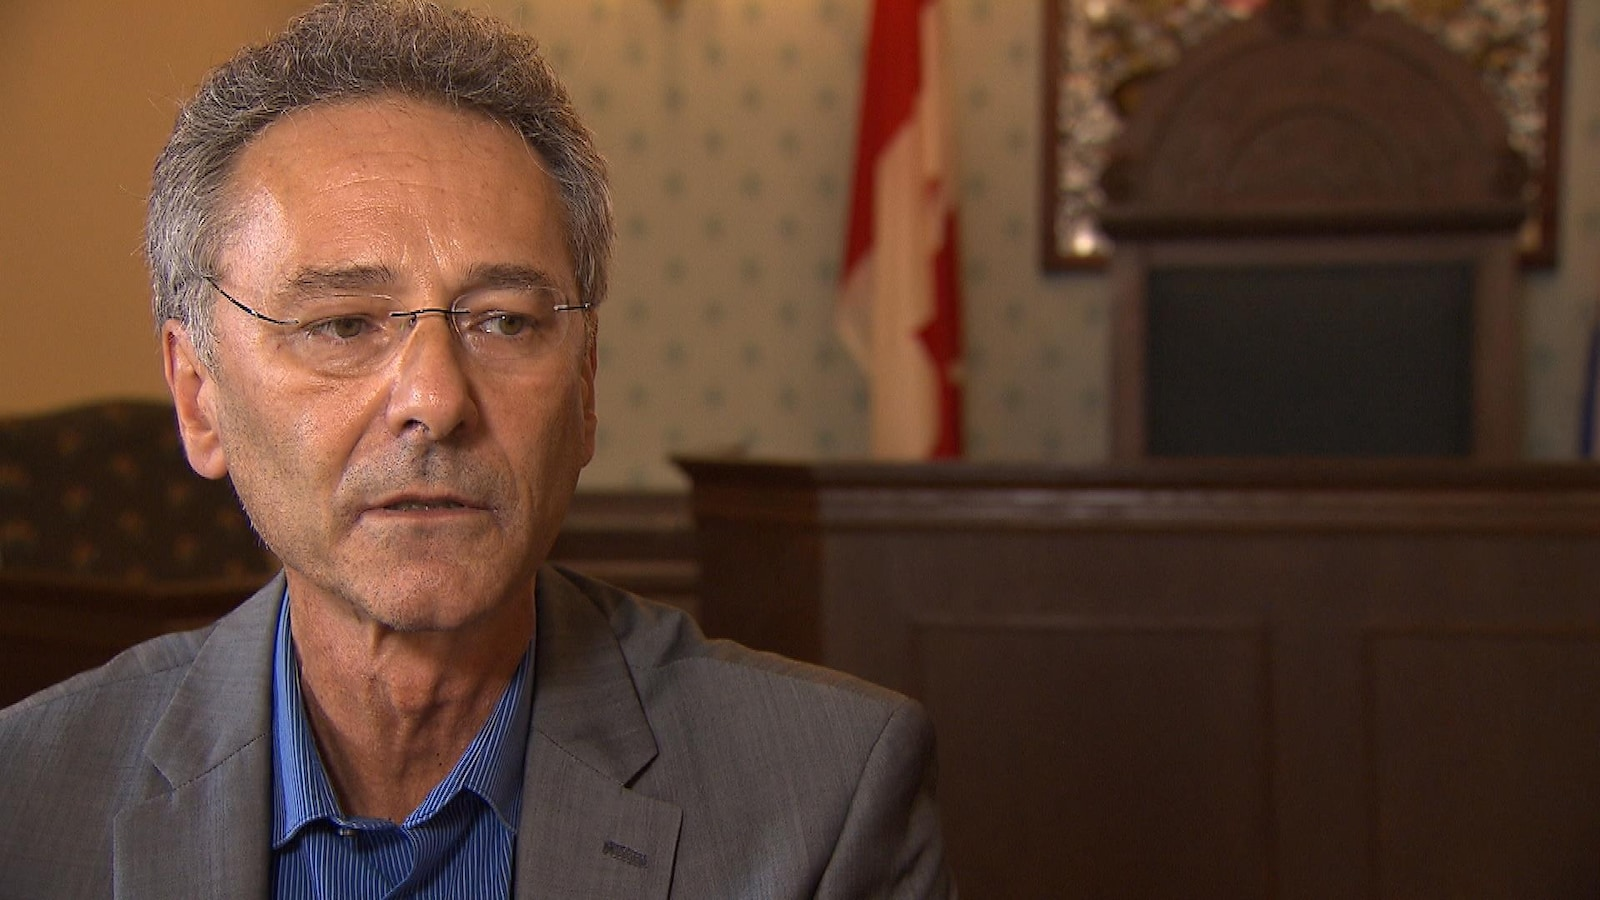 Denis Lavoie dans l'hôtel de ville de Chambly